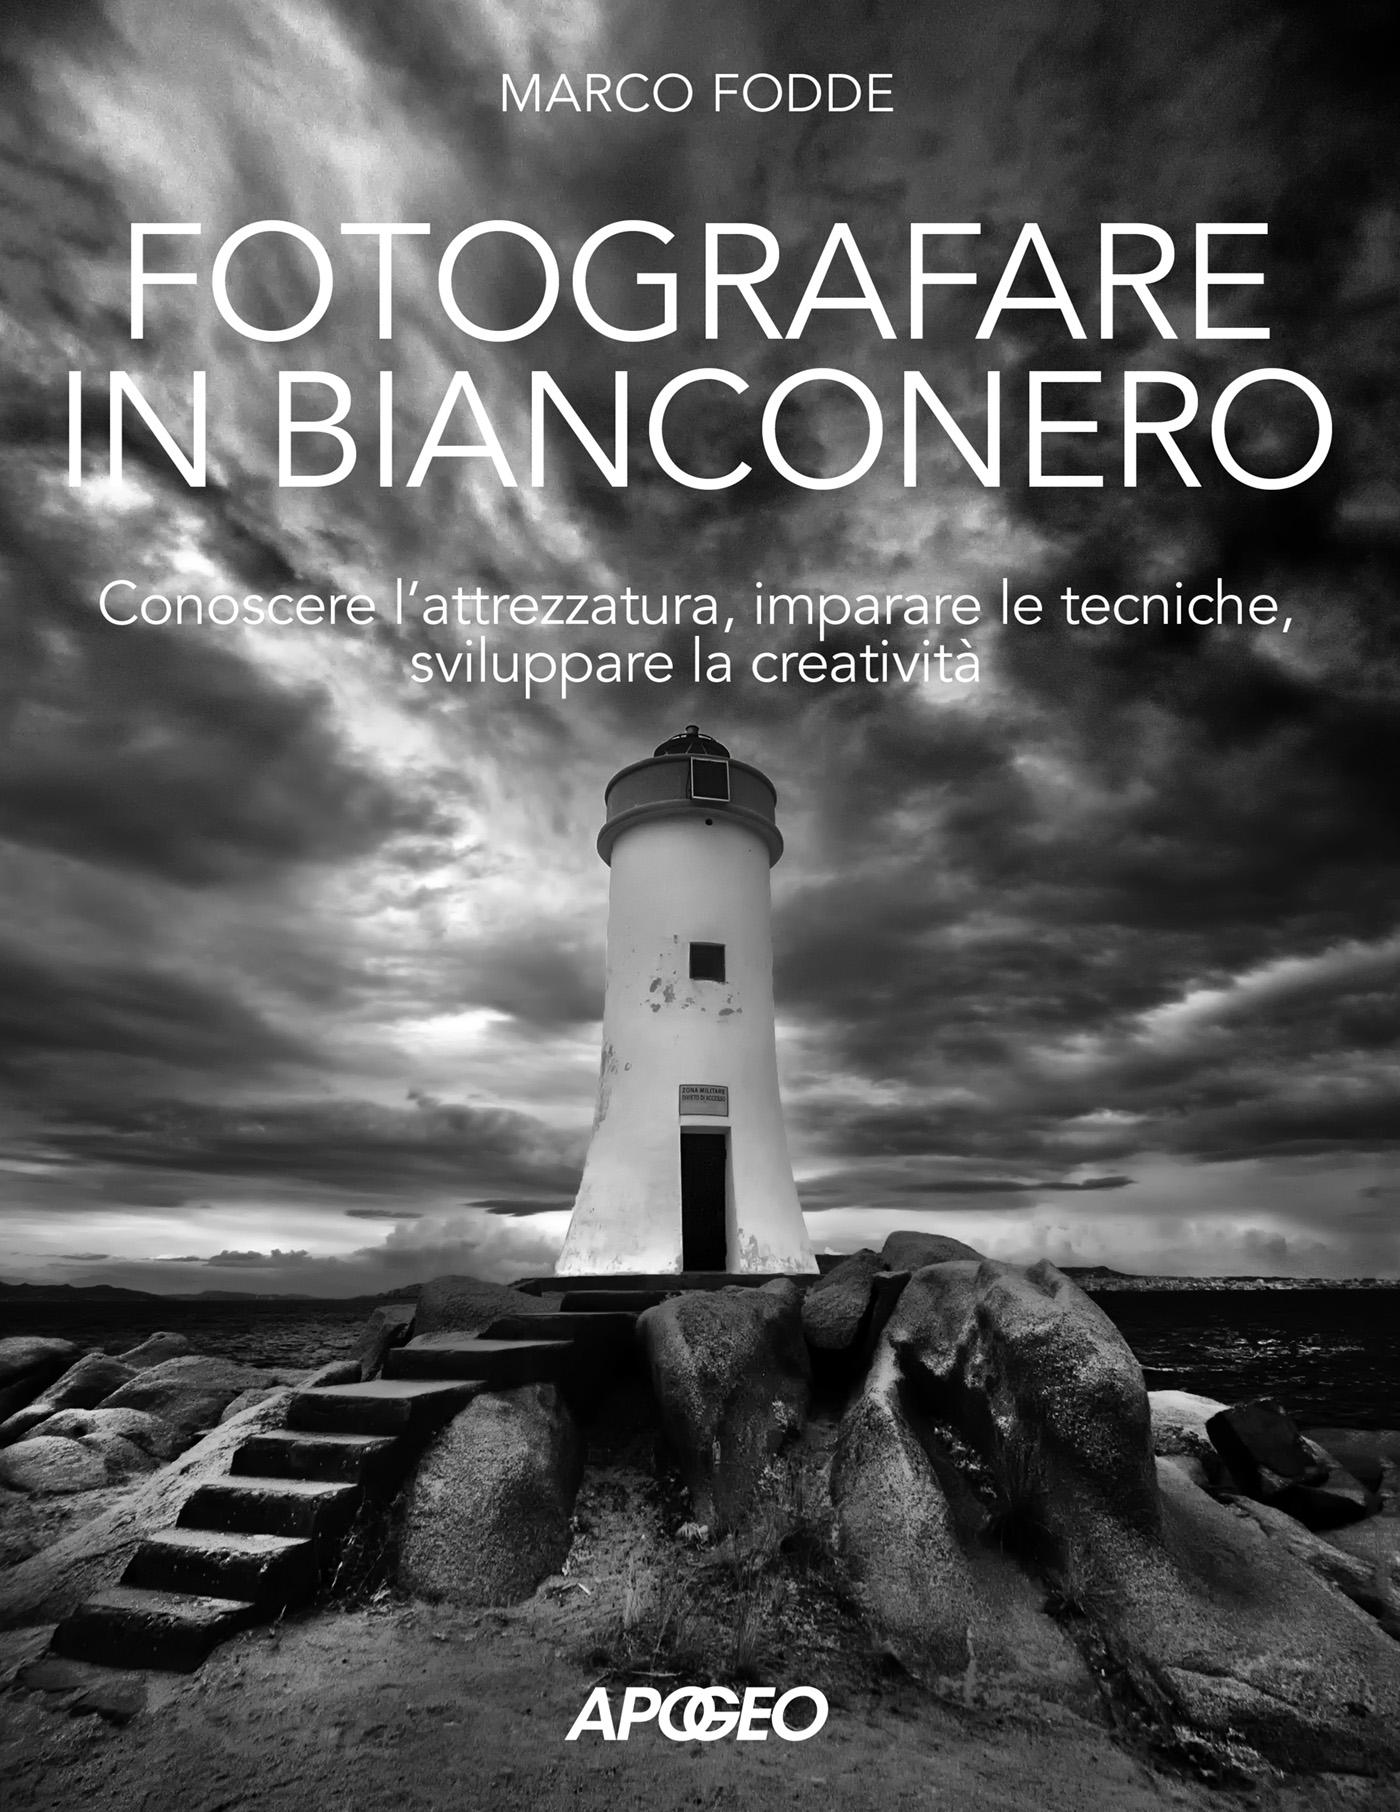 Fotografare in bianconero, di Marco Fodde